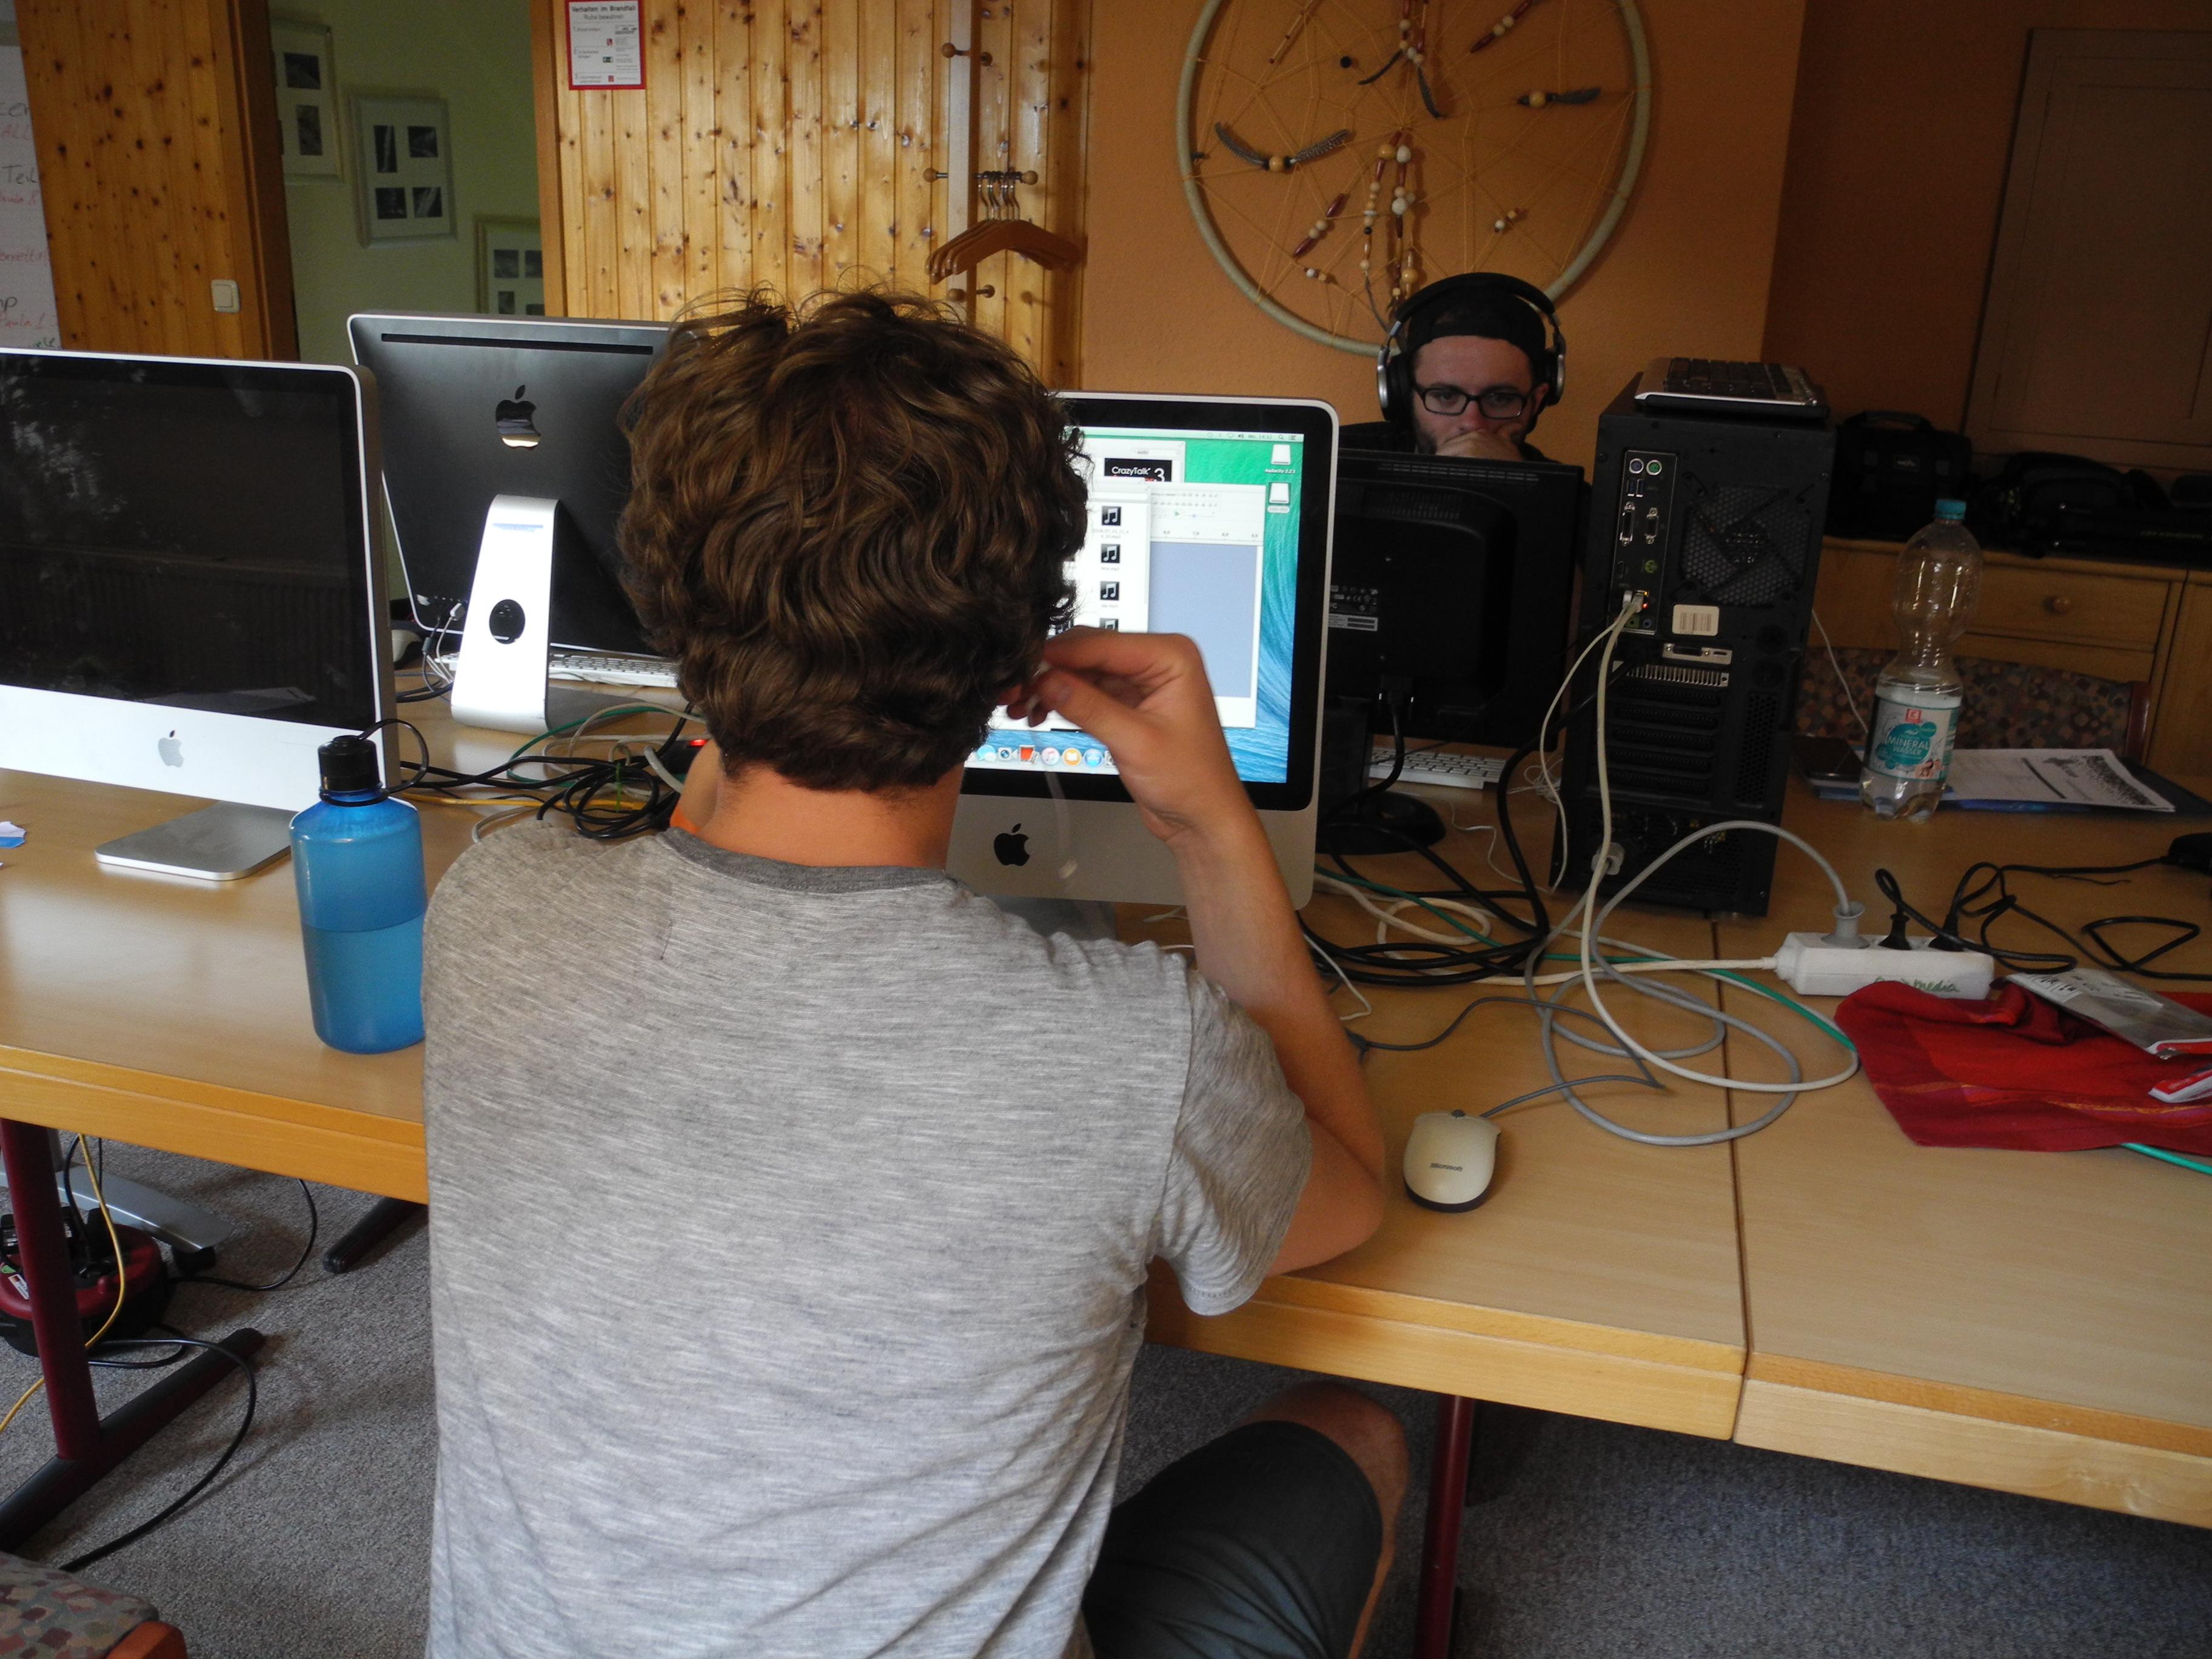 Bis in die späten Abendstunden arbeitet die Redaktion an den Artikeln.